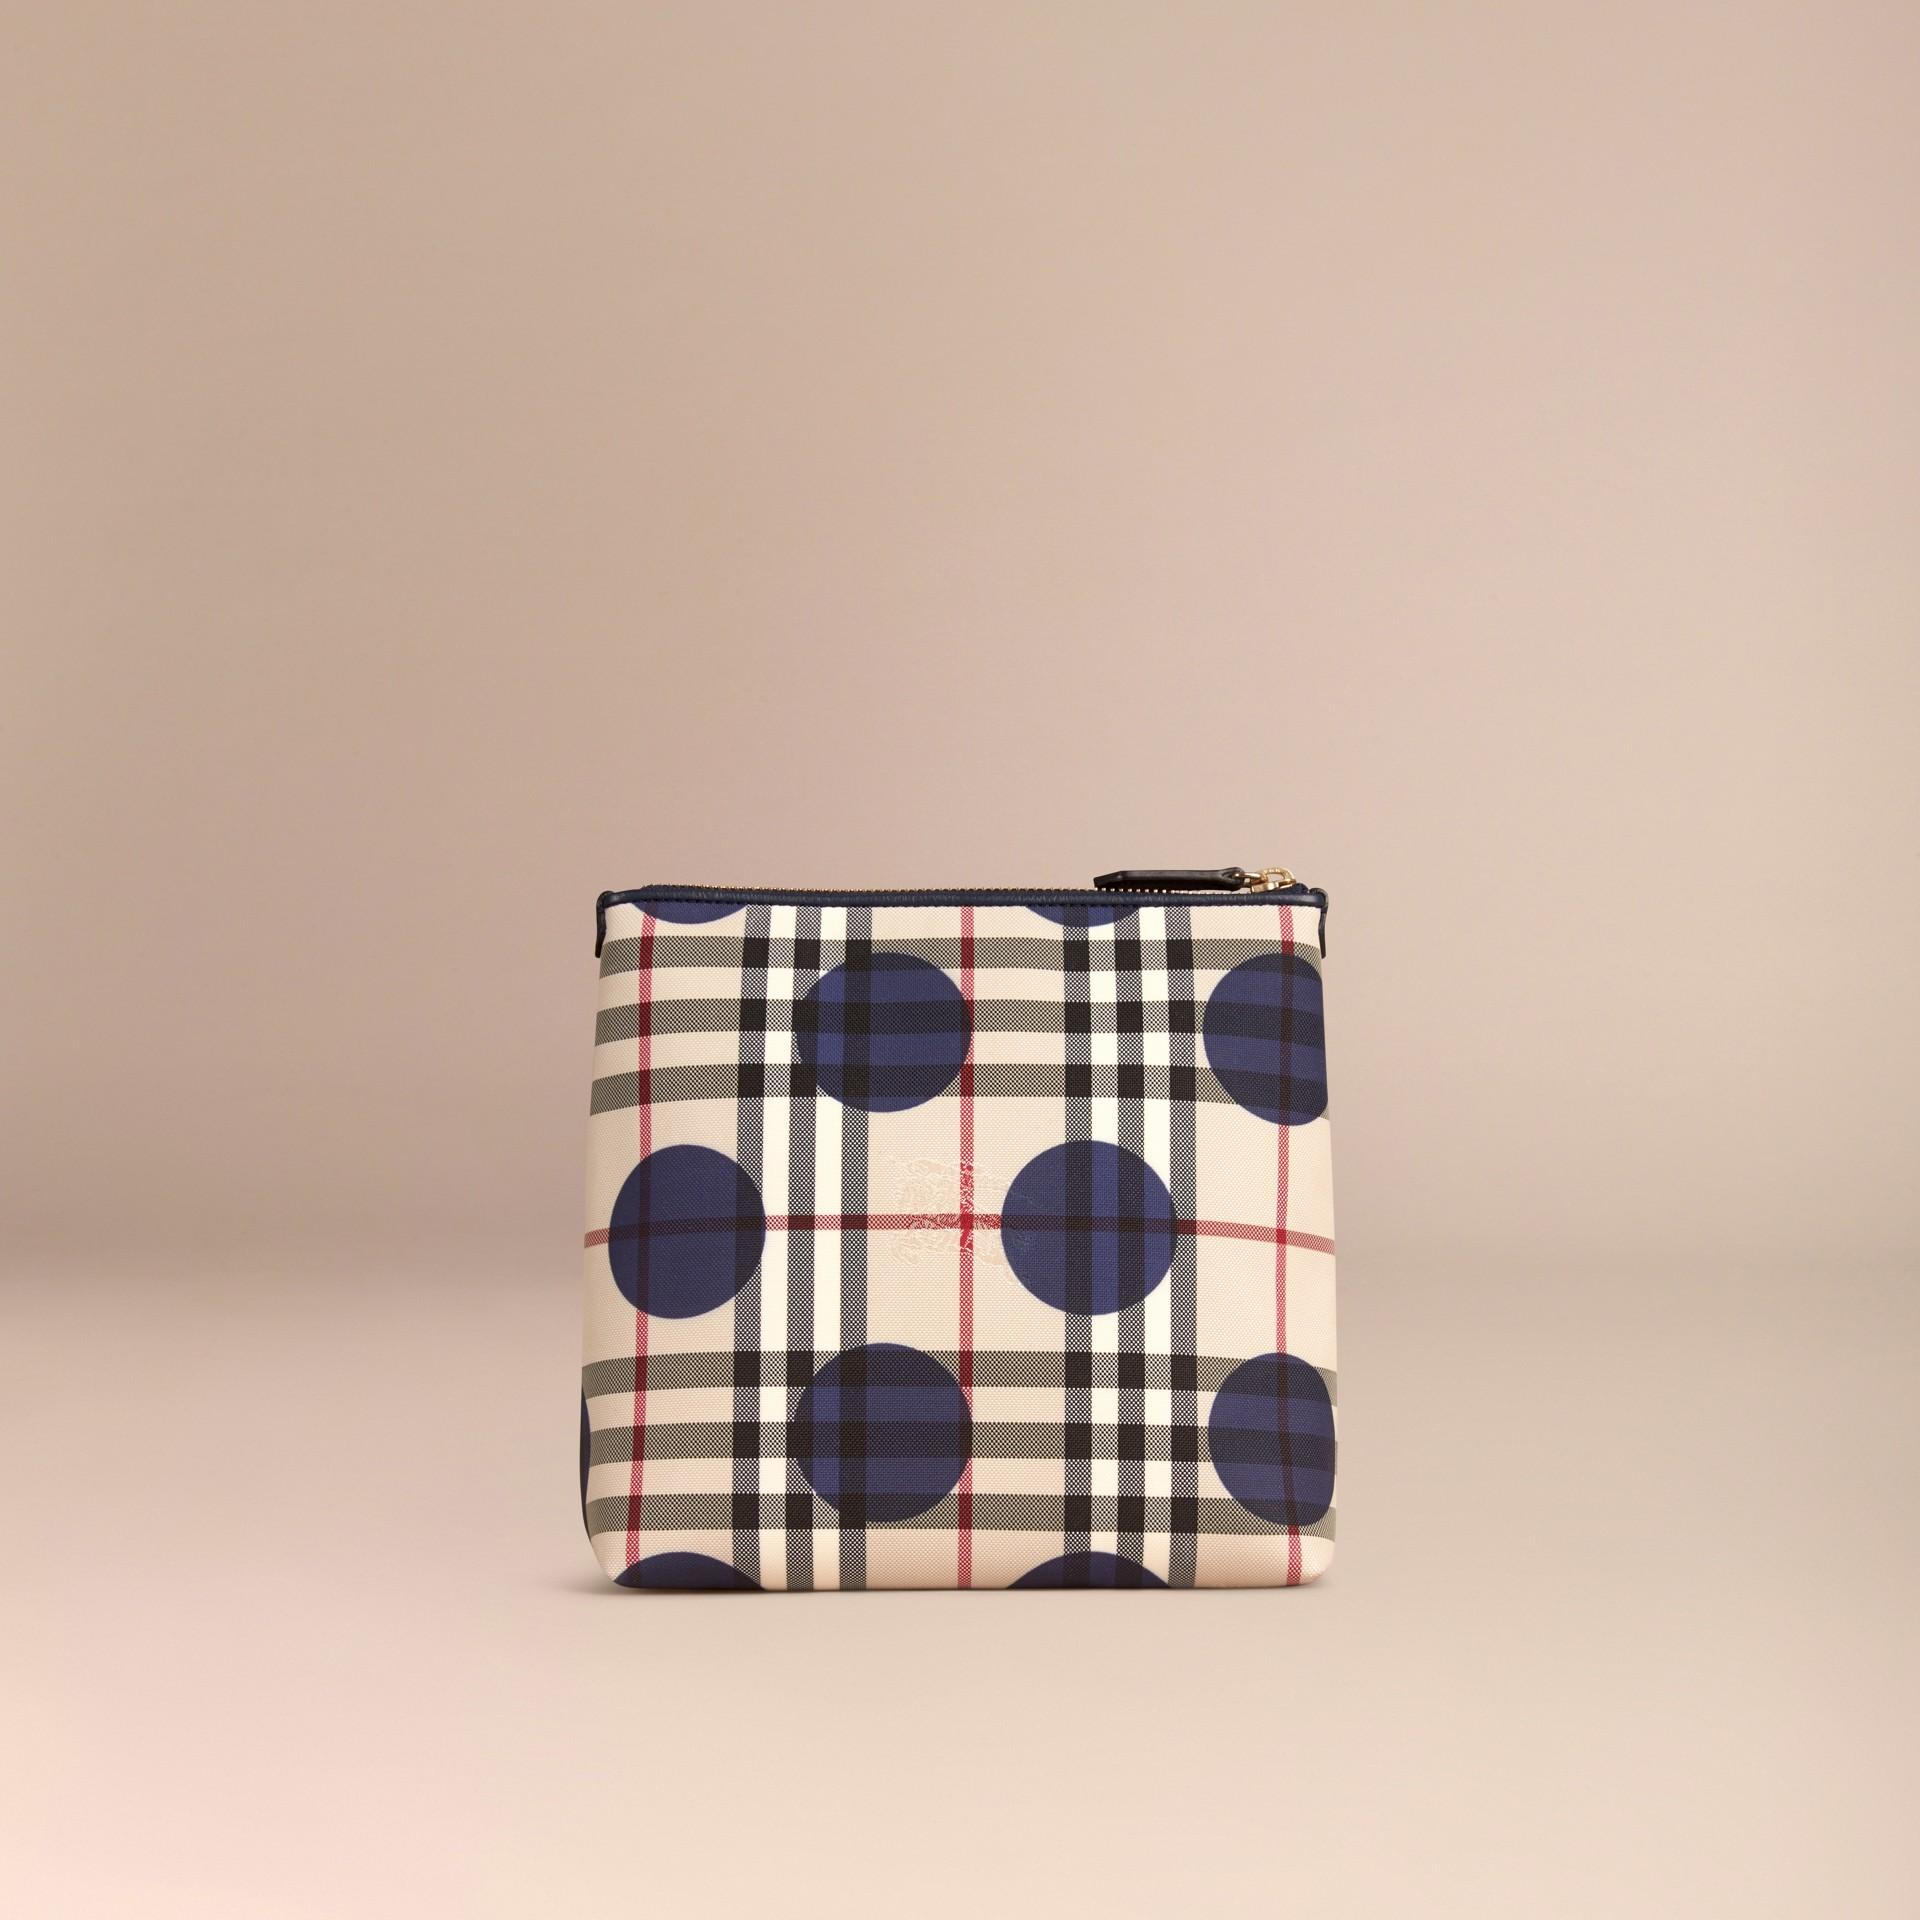 Bleu carbone Grande pochette à motif check et à pois bordée de cuir Bleu Carbone - photo de la galerie 4